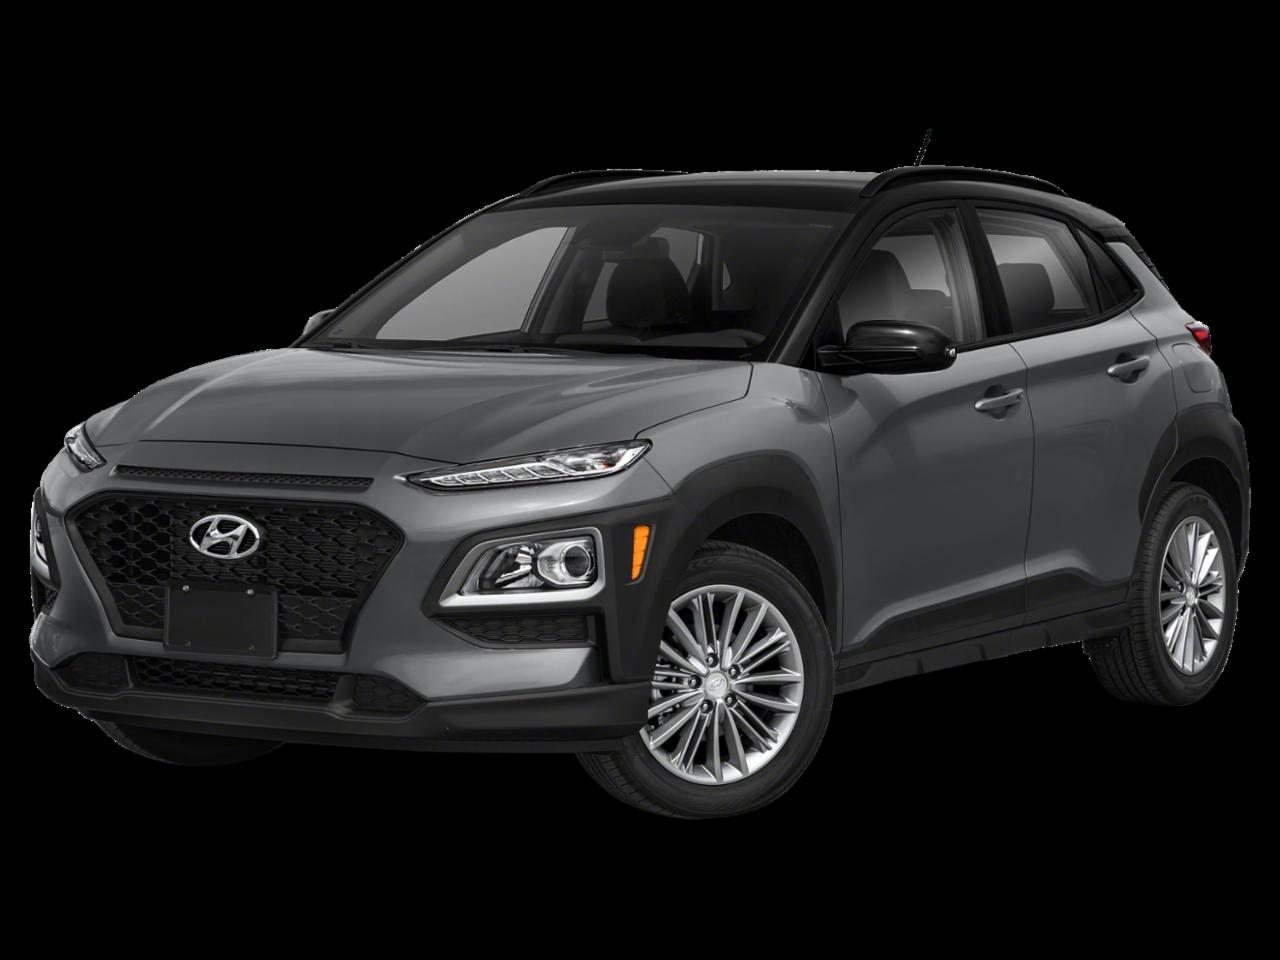 Hyundai 2019 Kona SEL